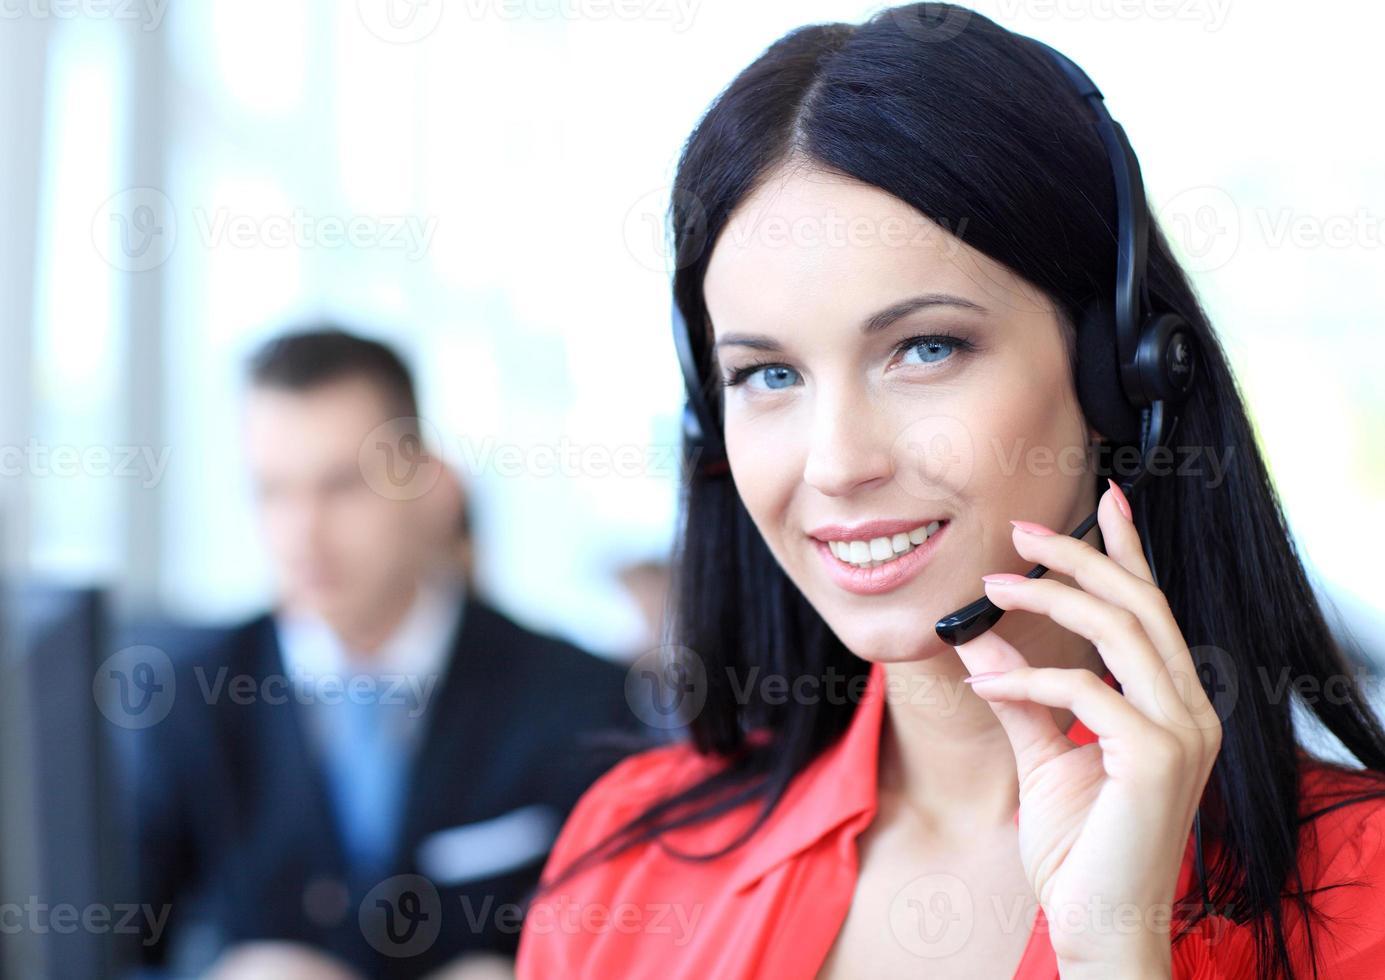 Kundendienstmitarbeiterin mit Headset foto